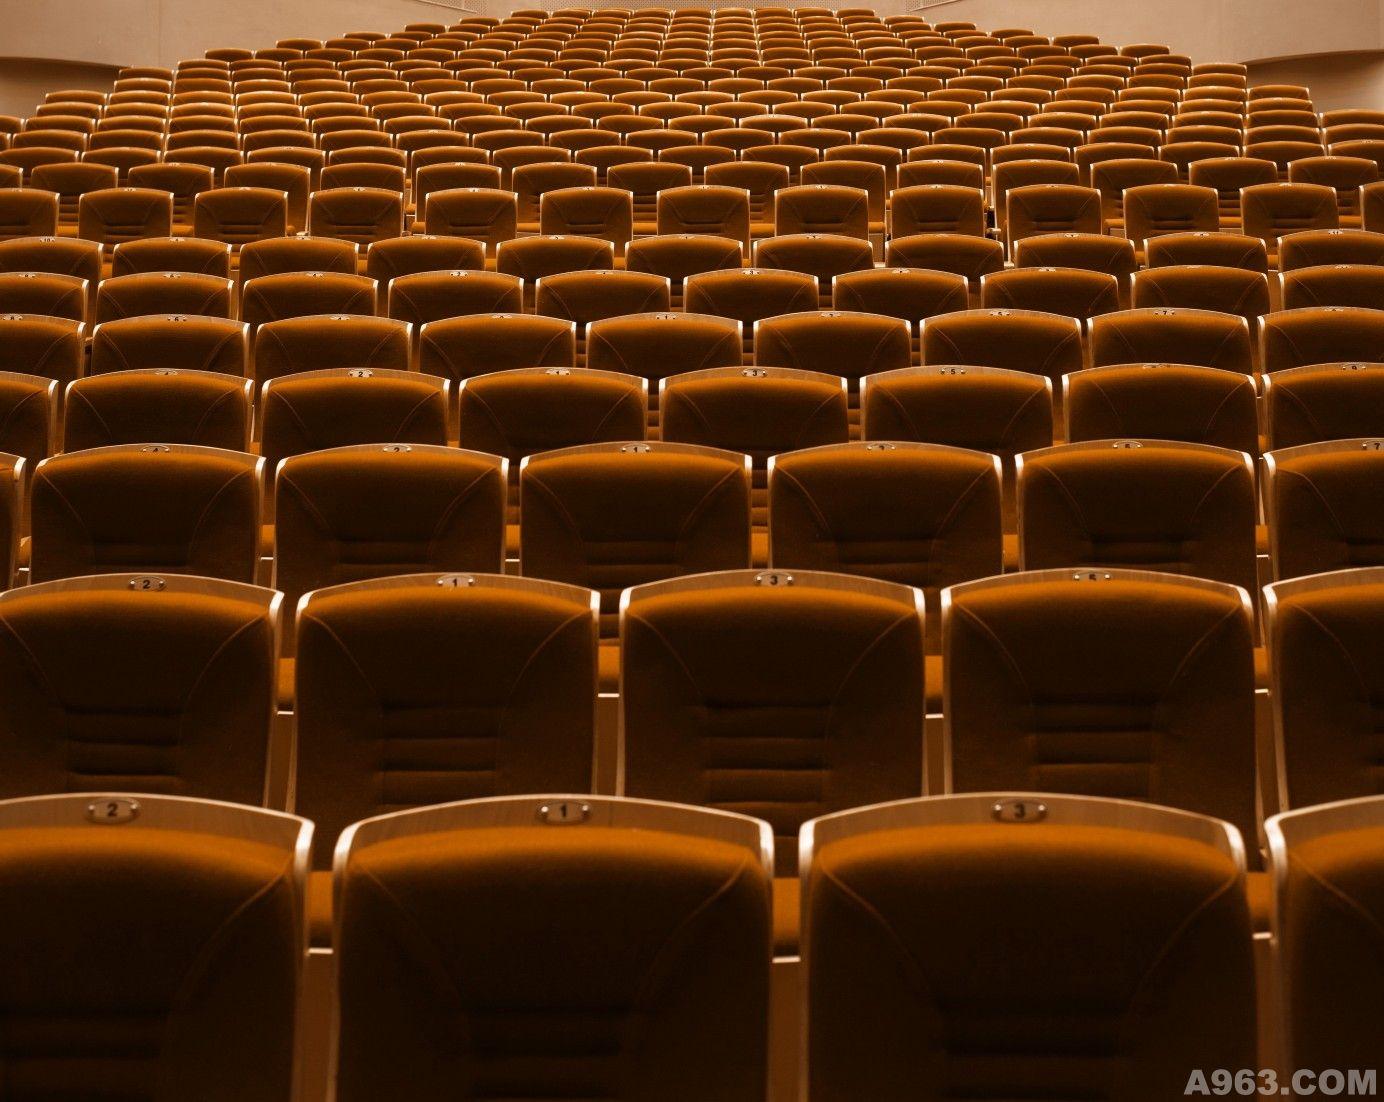 北京东方剧院 - 文化空间 - 第4页 - 陈武设计作品案例